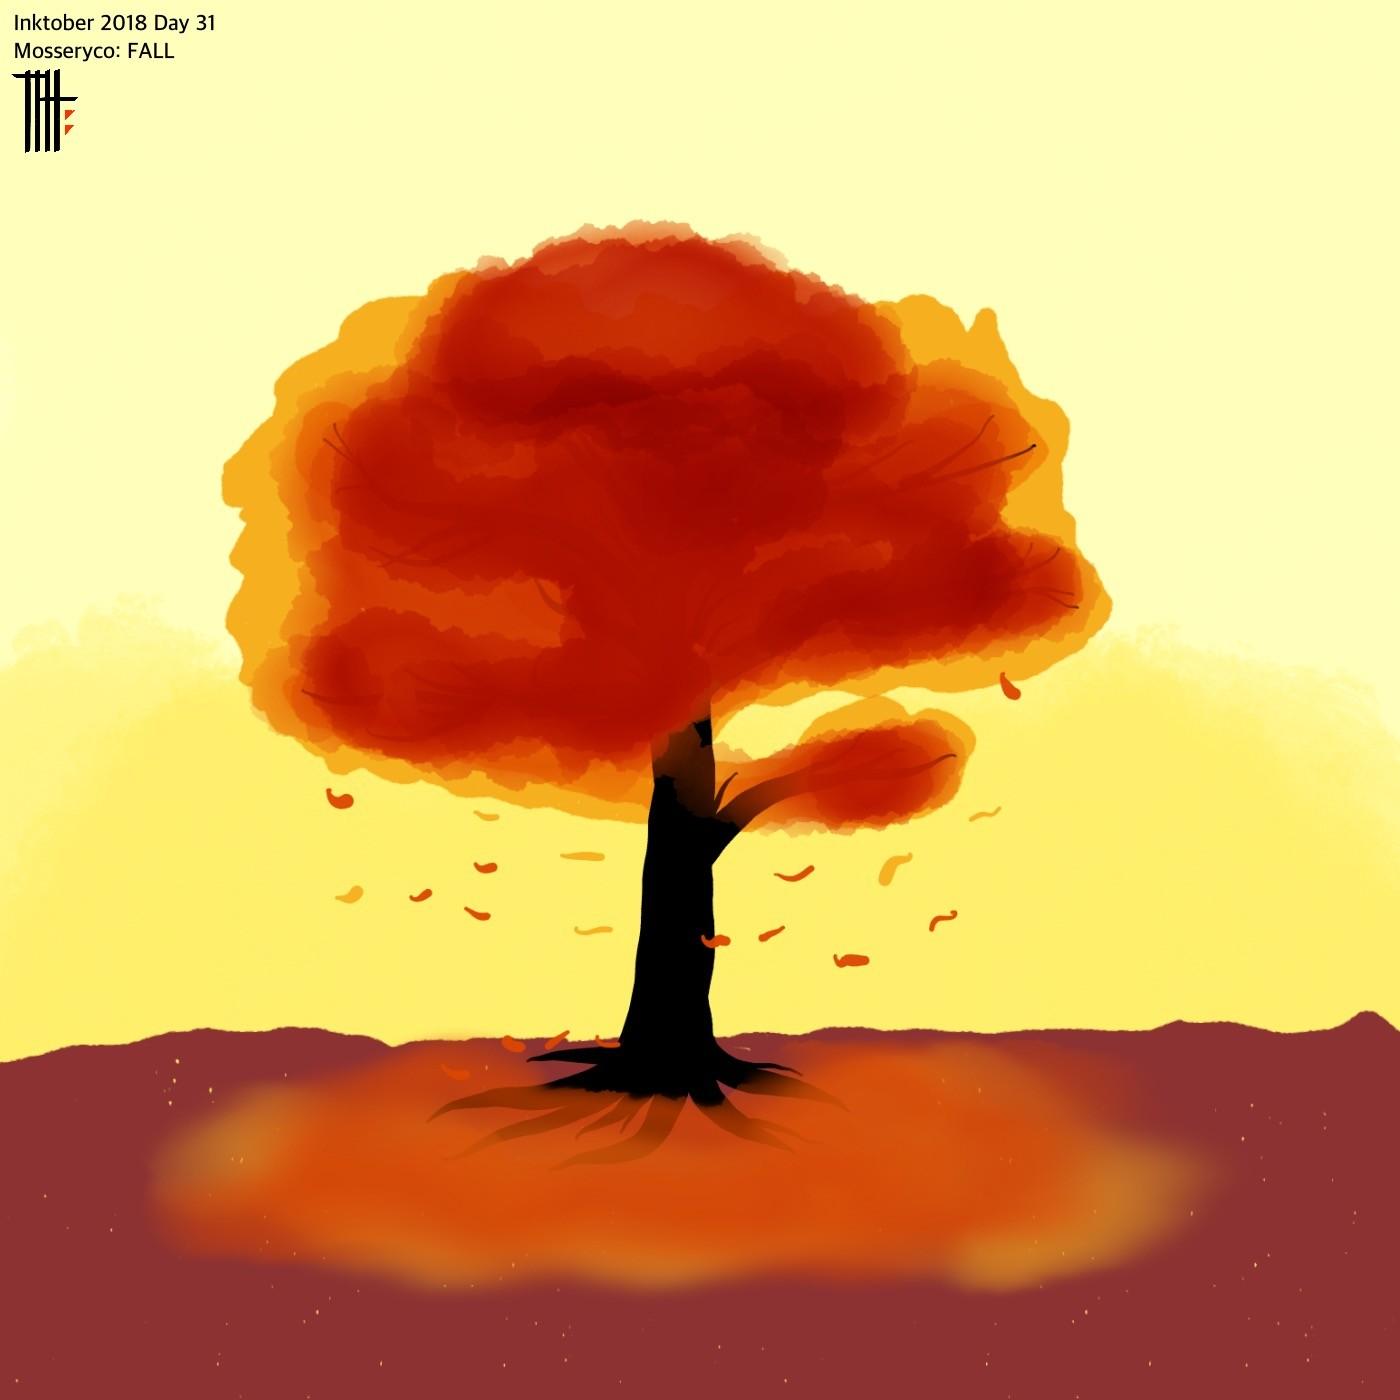 31: Fall